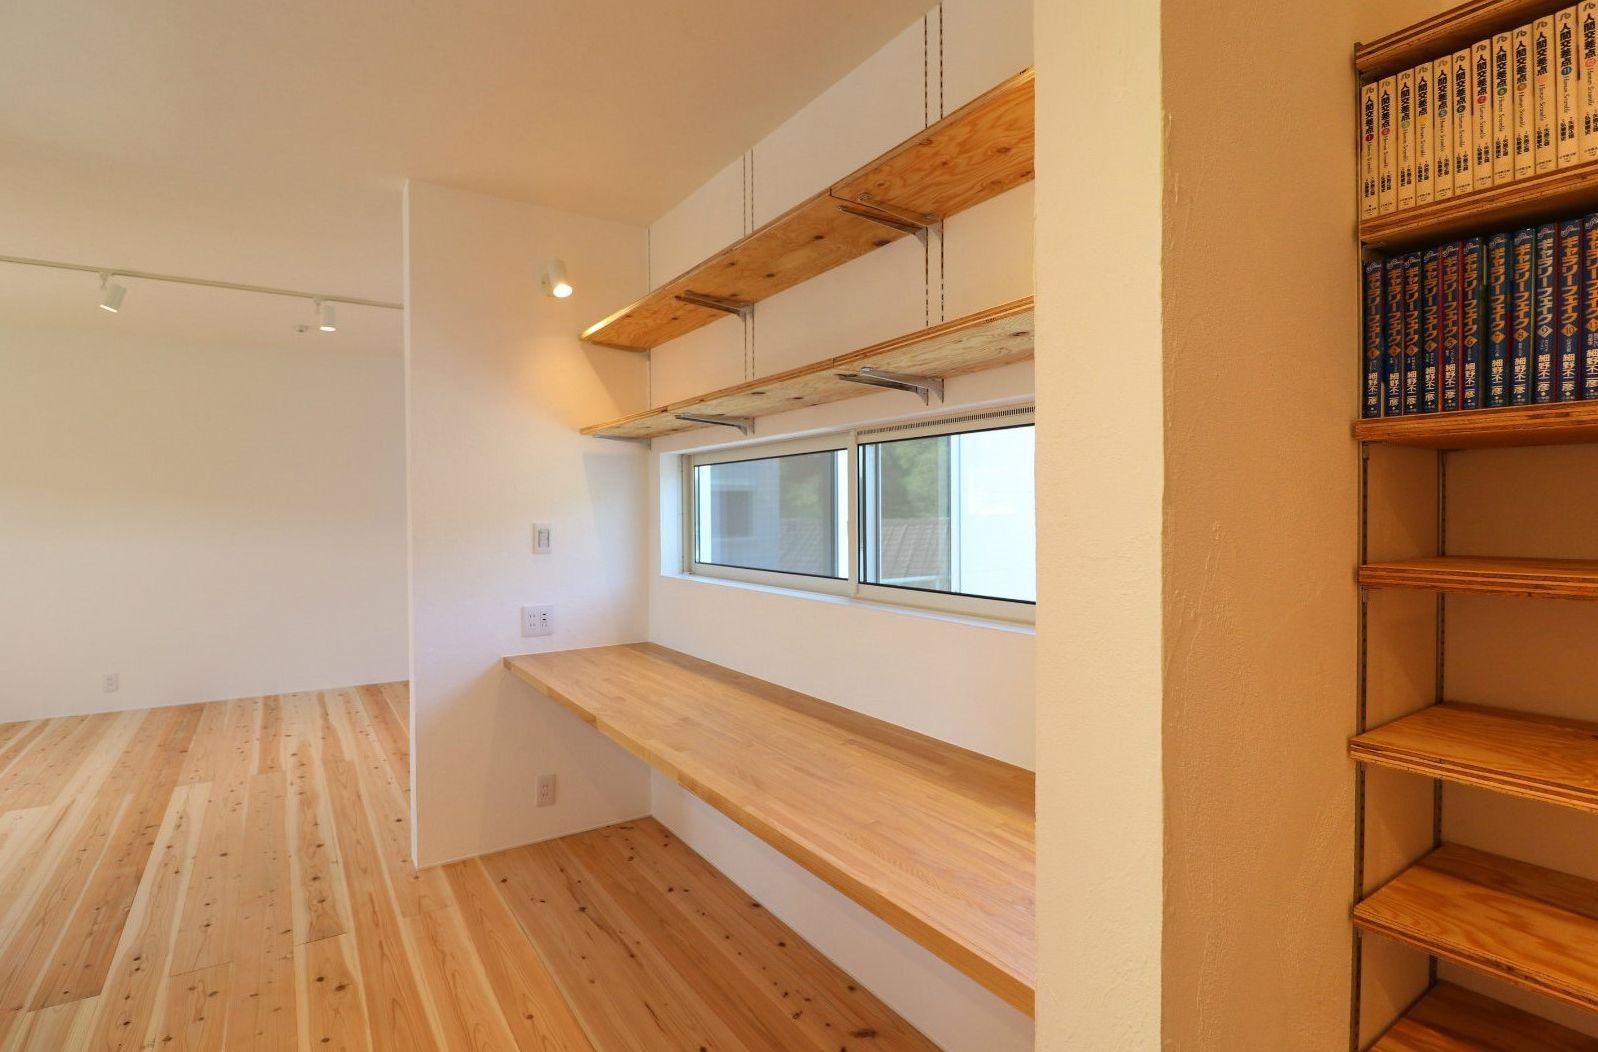 シンプルながら細部にこだわった2世帯の家 尾道市 二世帯住宅 321house